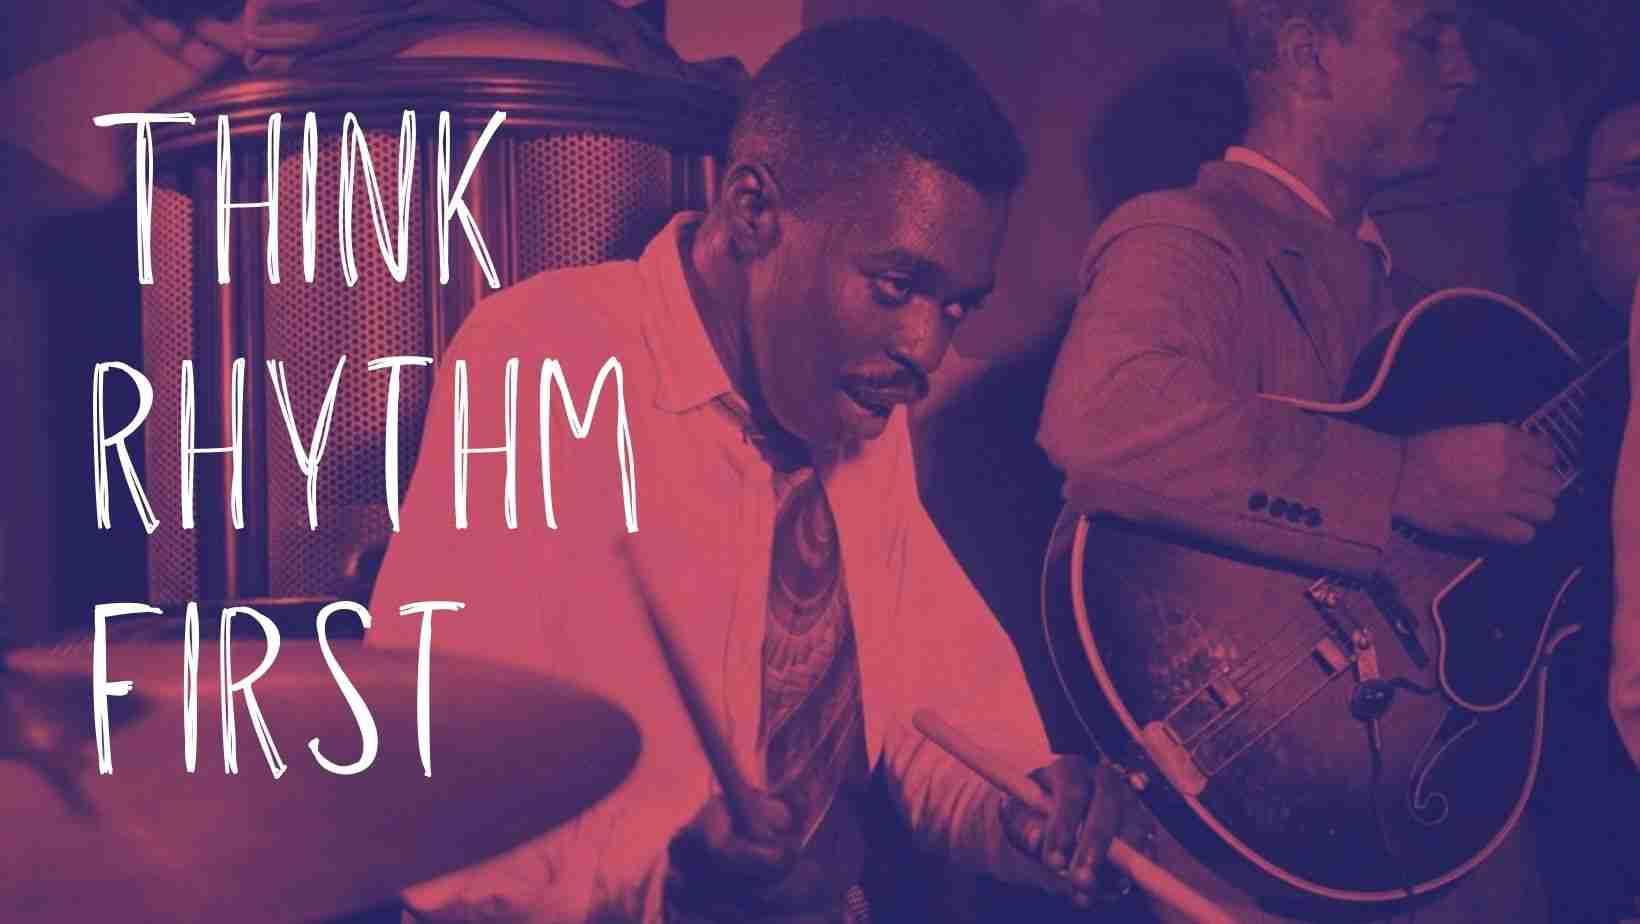 Rhythm first